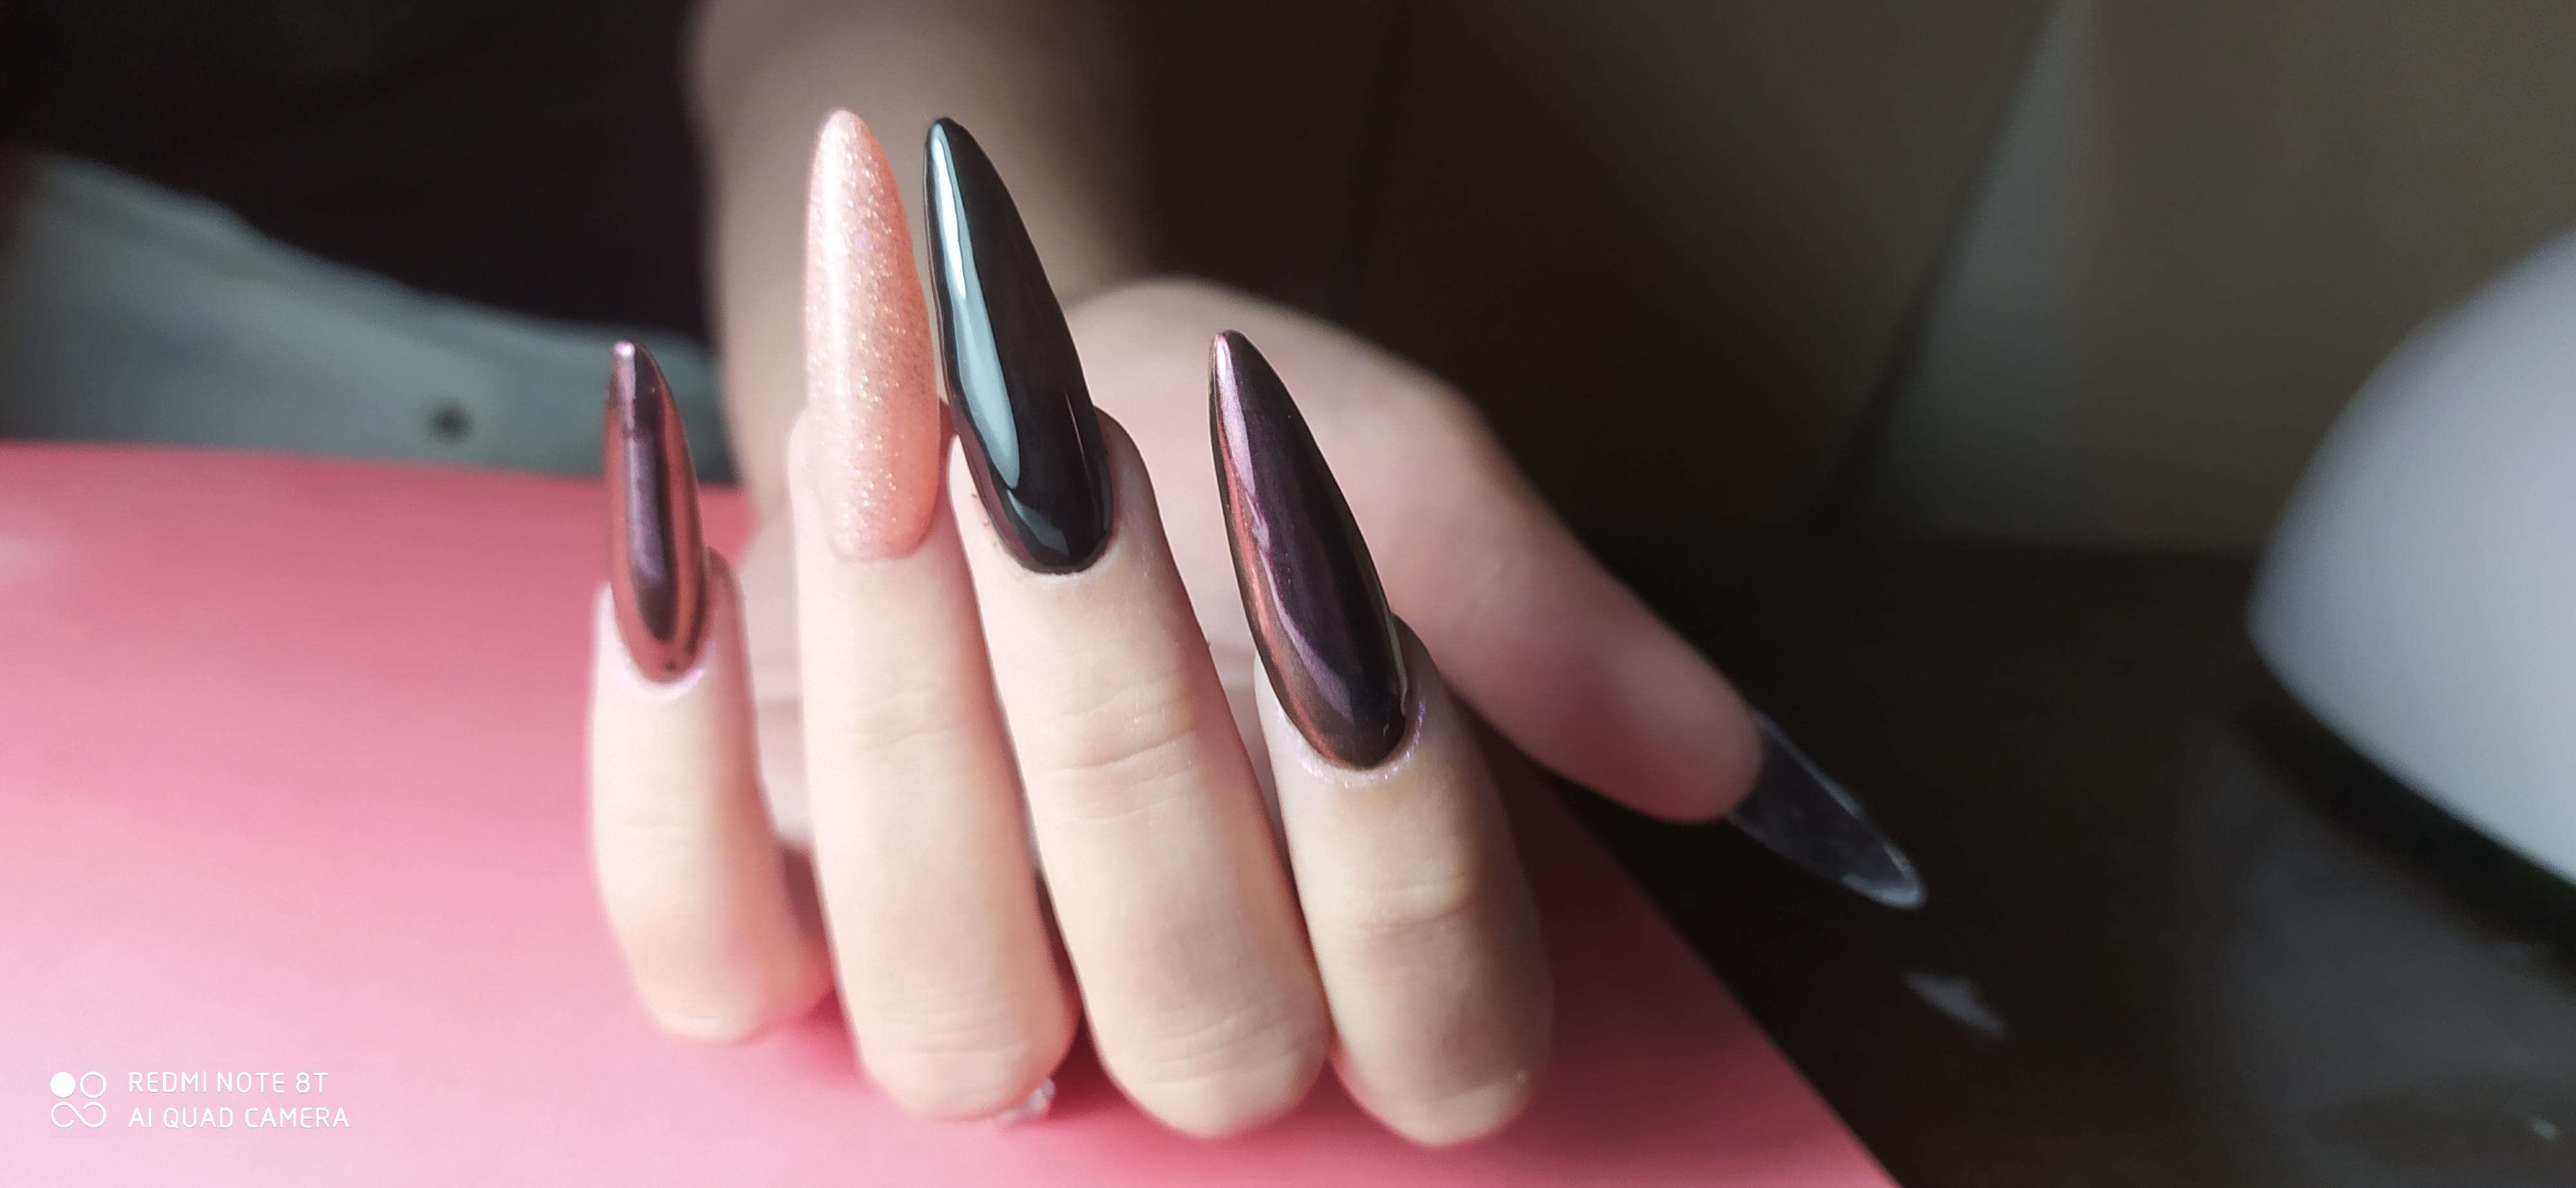 Маникюр с втиркой в черном цвете на длинные ногти.